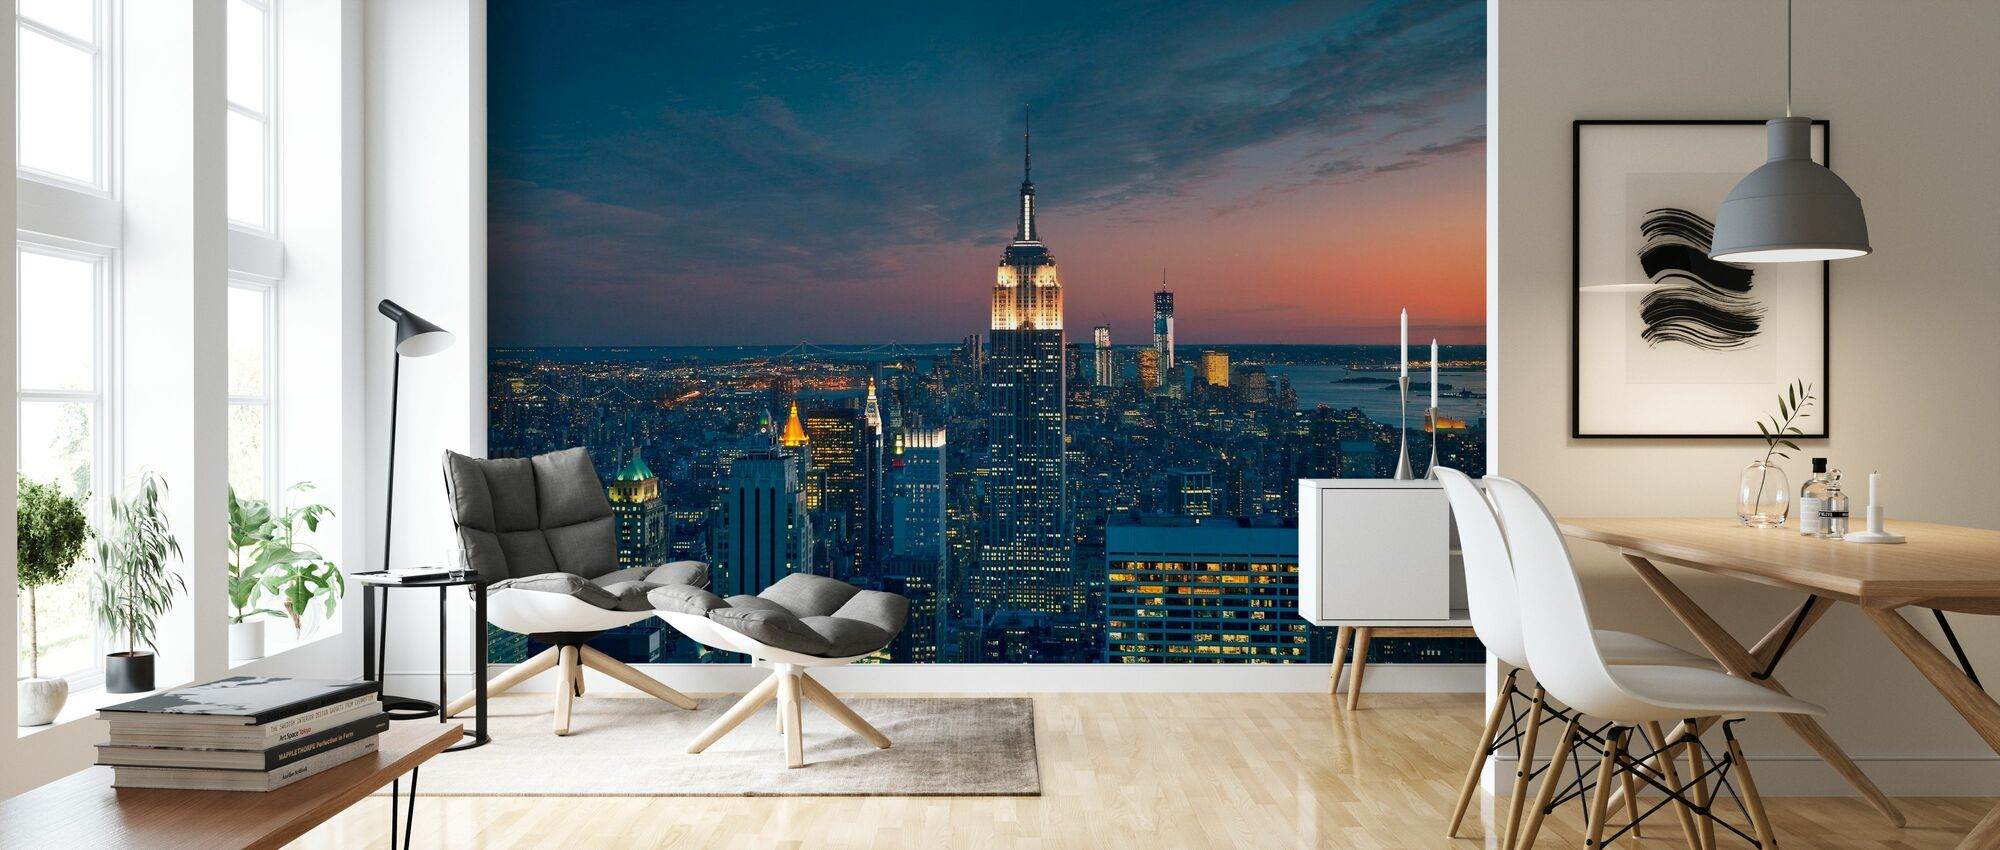 Flygutsikt över Manhattan vid Sunset - Tapet - Vardagsrum